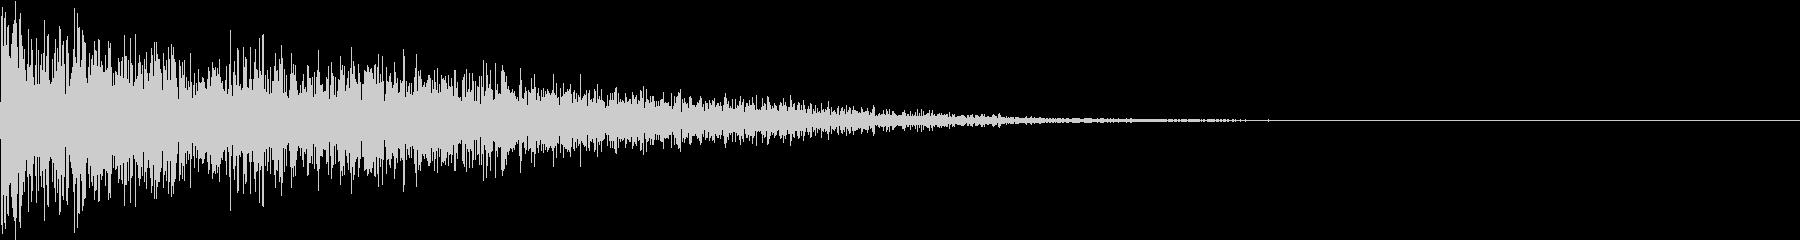 【バーン】爆発音の未再生の波形